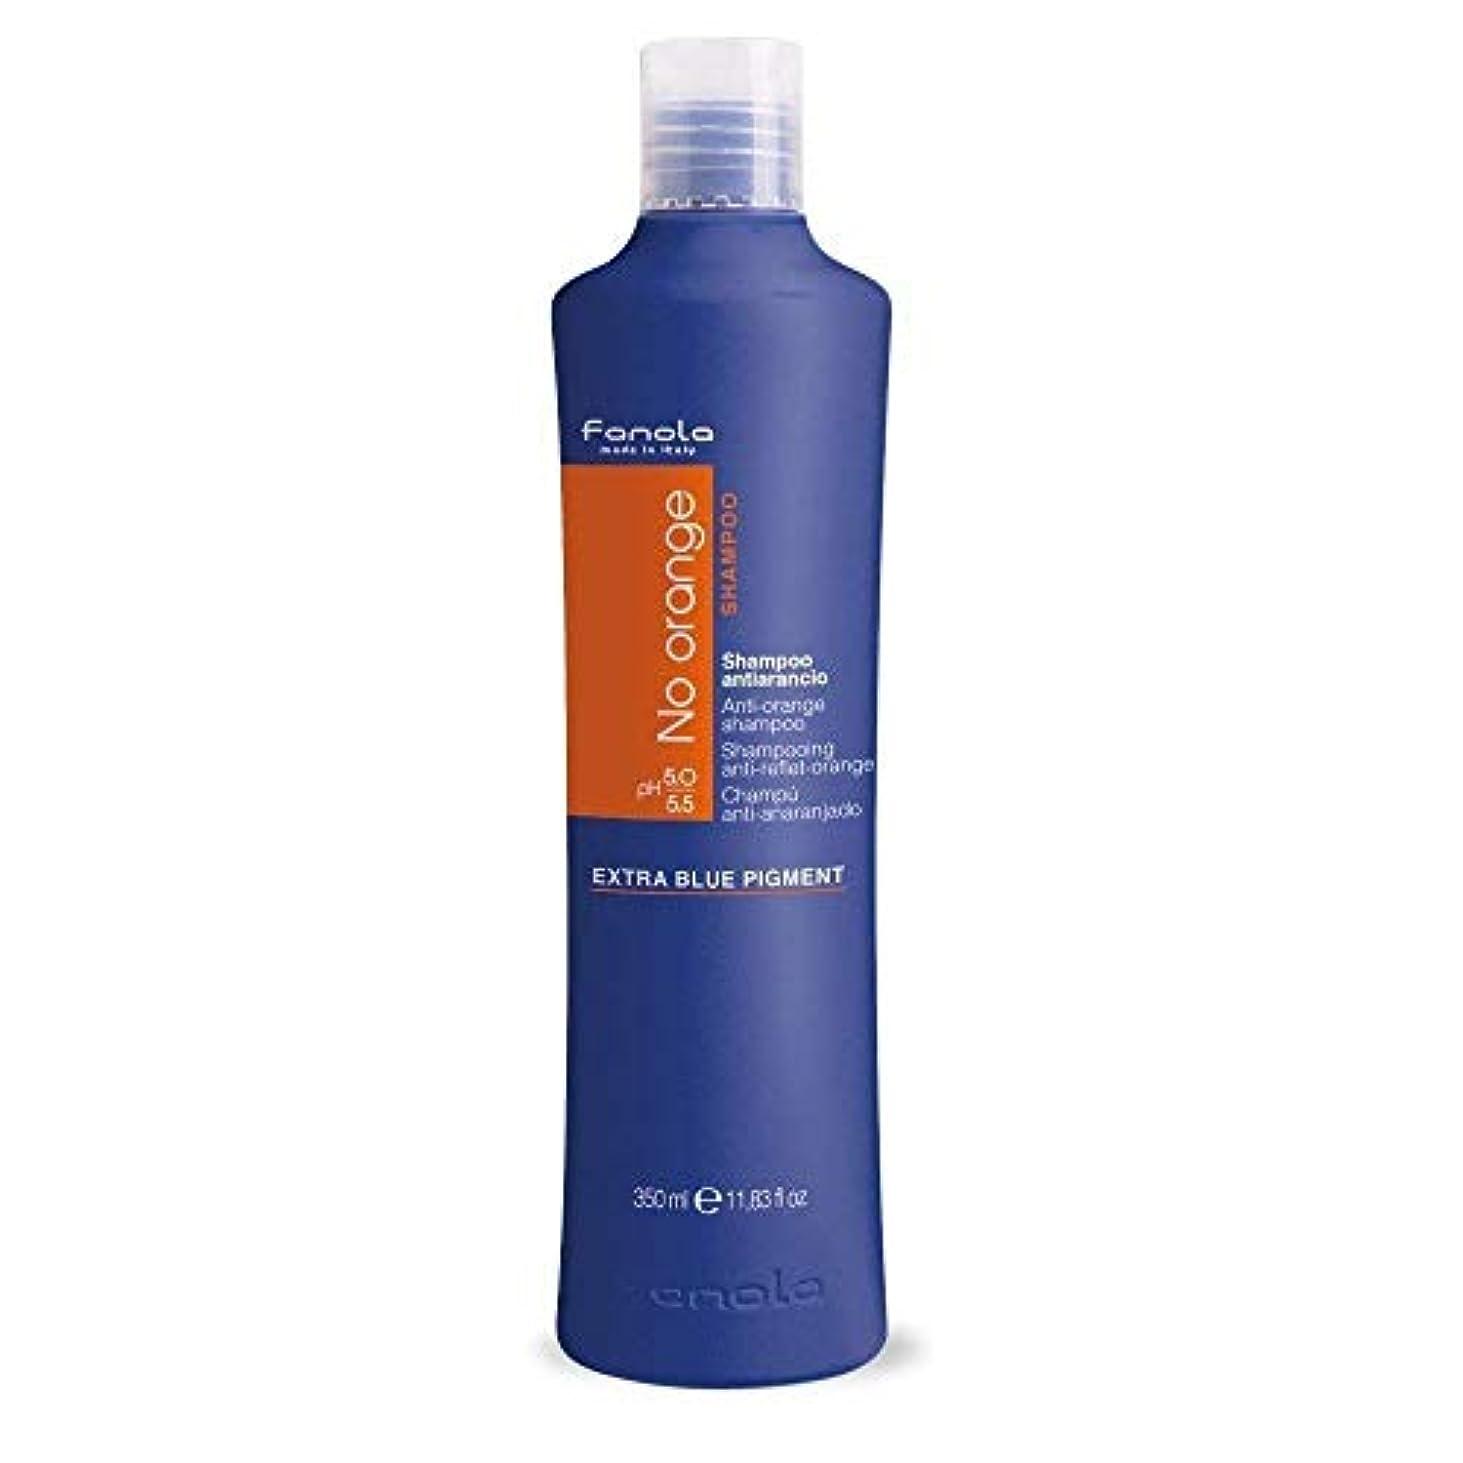 長さうねる有効Fanola No Orange Shampoo 350 ml  青カラーシャンプー ノーオレンジ シャンプー 海外直送 [並行輸入品]